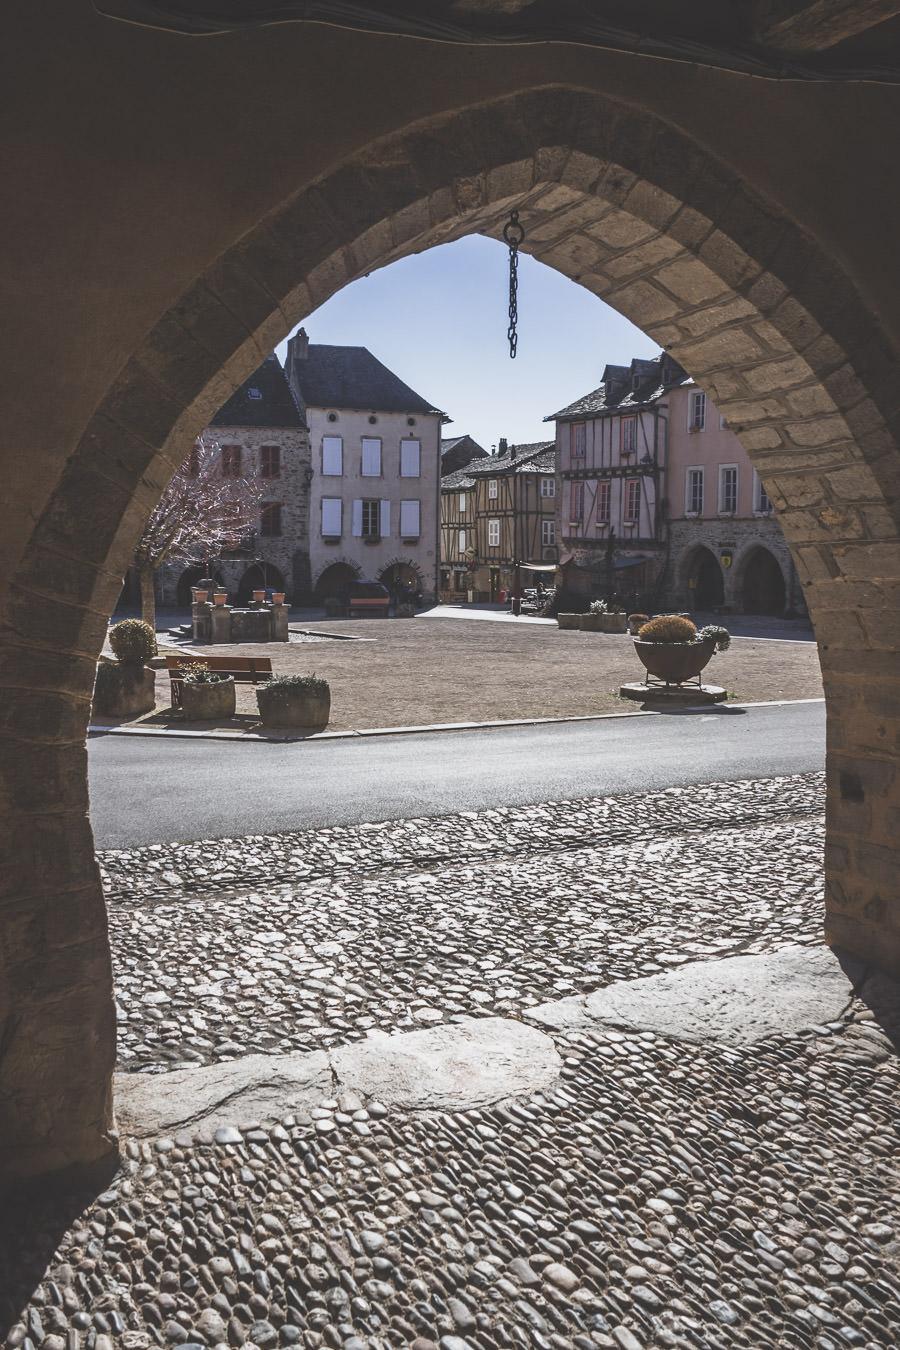 Sauveterre-de-Rouergue et sa jolie bastide, au coeur du rouergue aveyronnais, Occitanie.